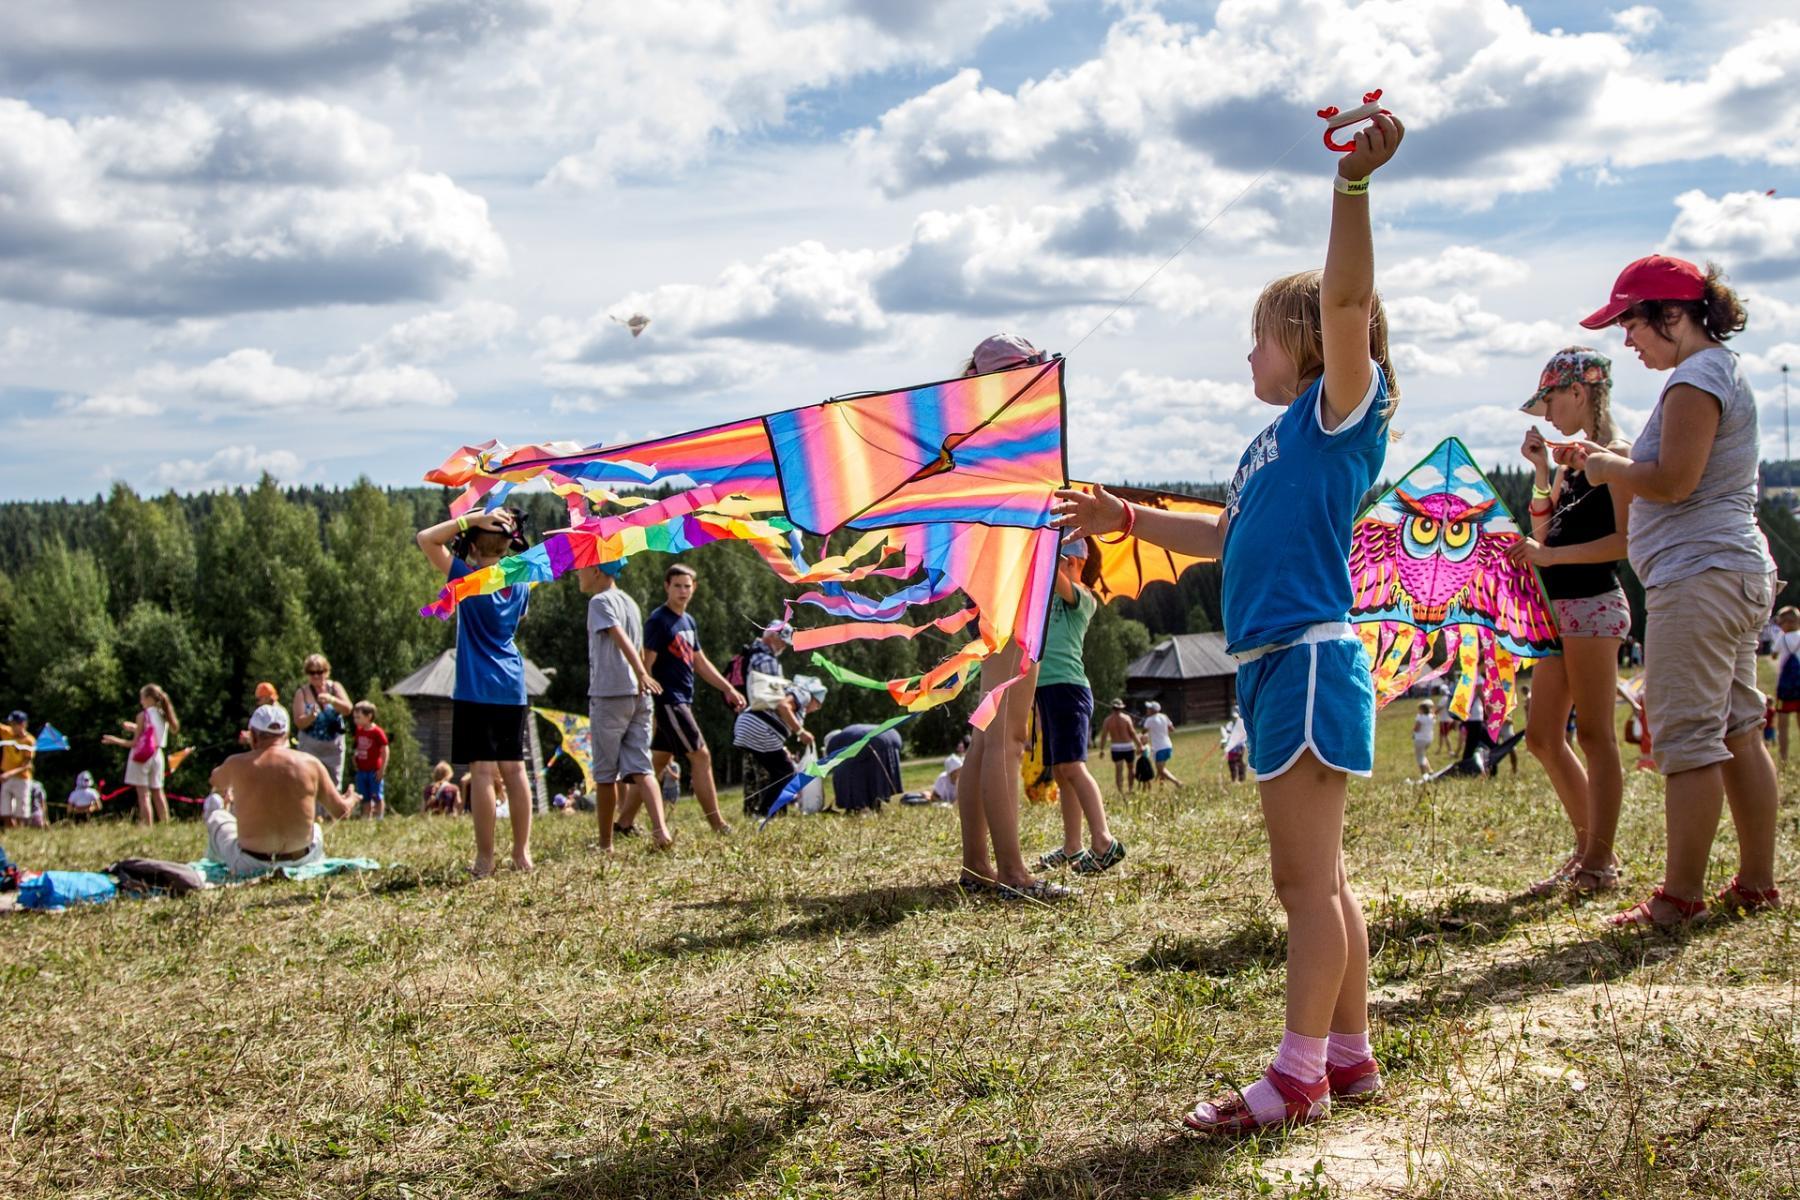 фото С ковидными не контактировал: в летние лагеря Новосибирской области не пустят без специальной справки 3